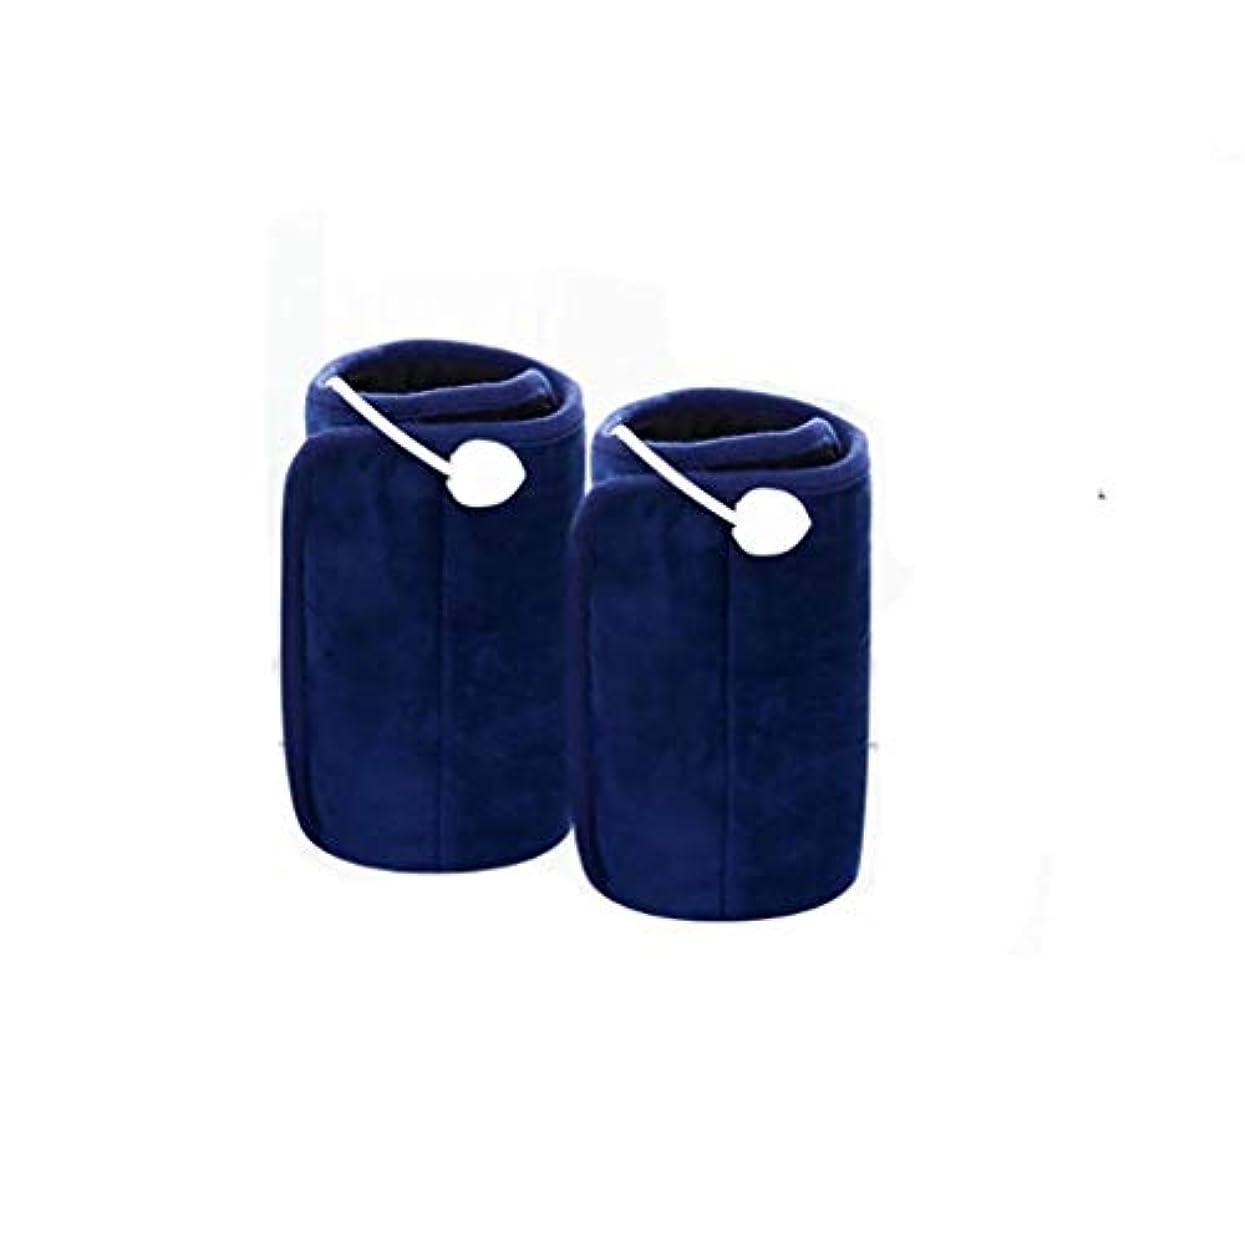 収まる供給欺く電気膝パッド、温かい古い膝、携帯式膝加熱、360°oxi温かい家庭用スマート温度調整